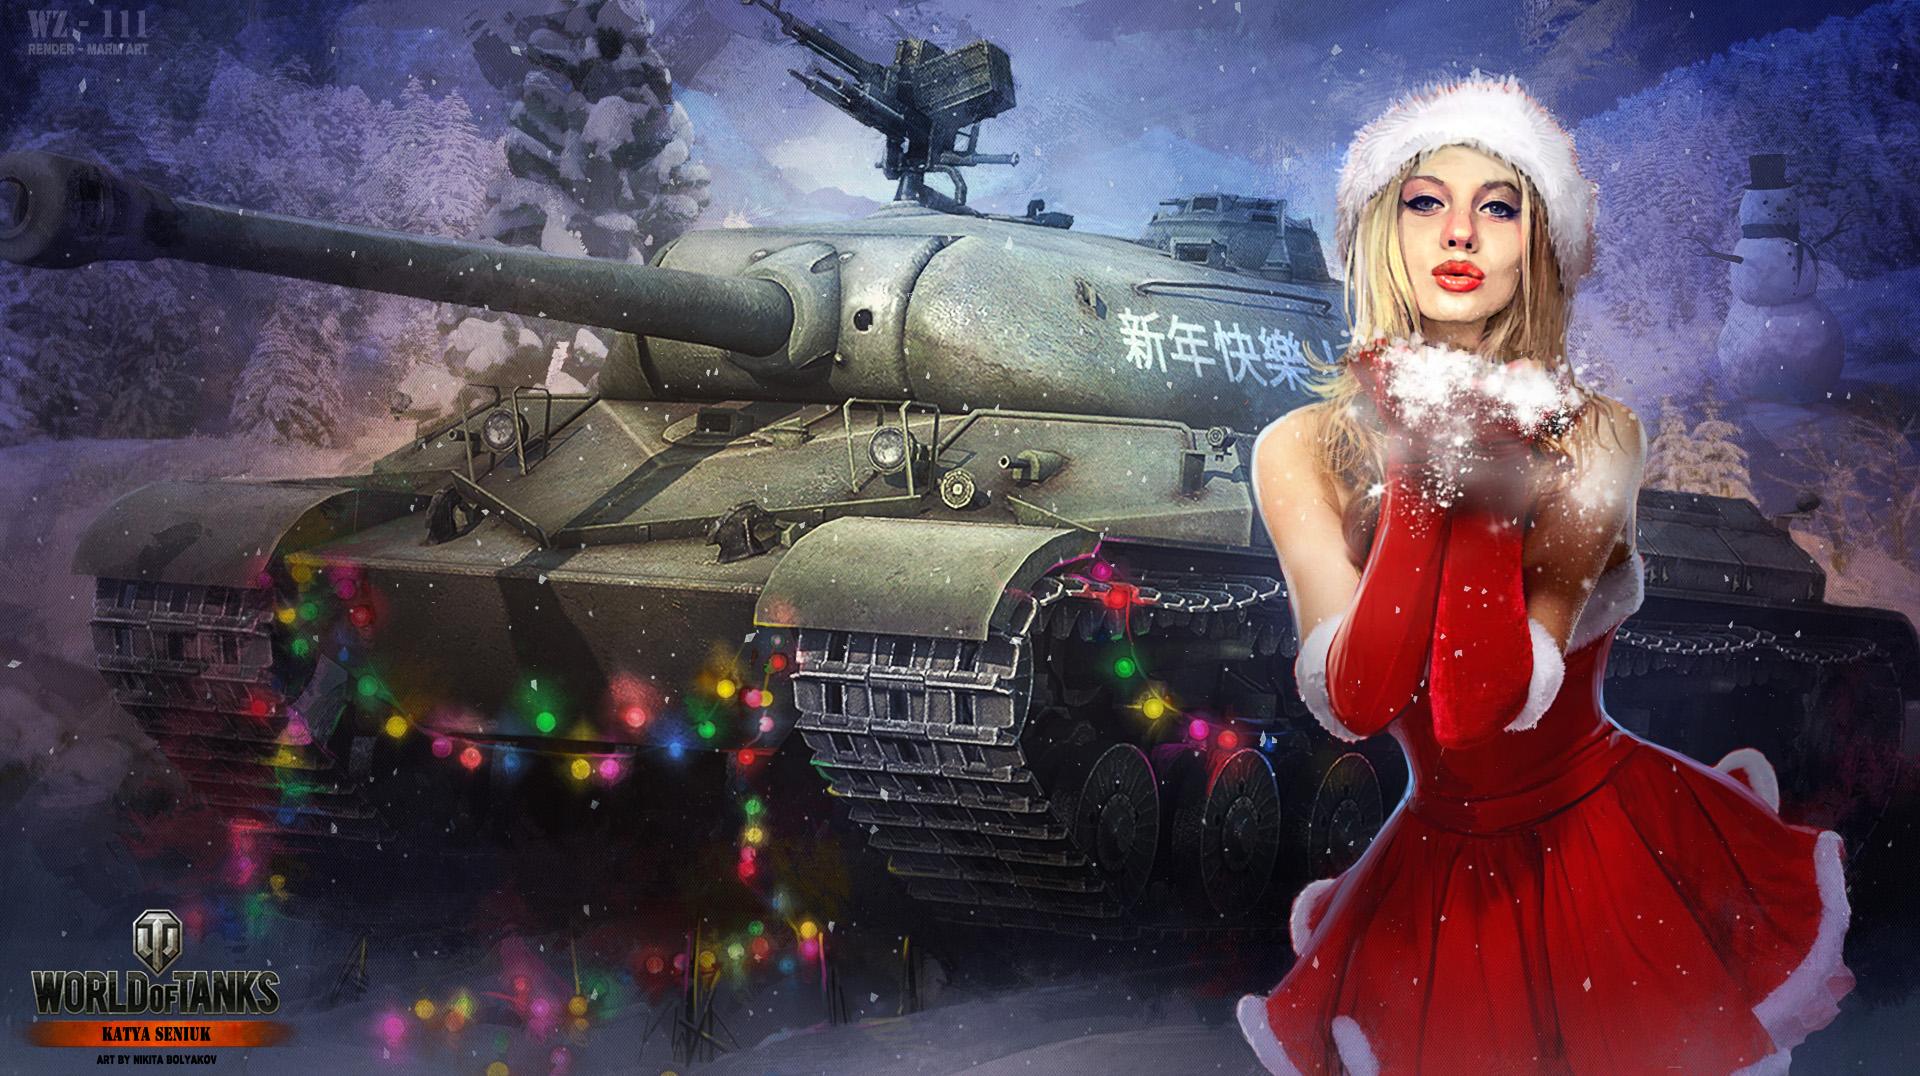 День танкиста 2018, поздравления танкисту - Поздравок 41